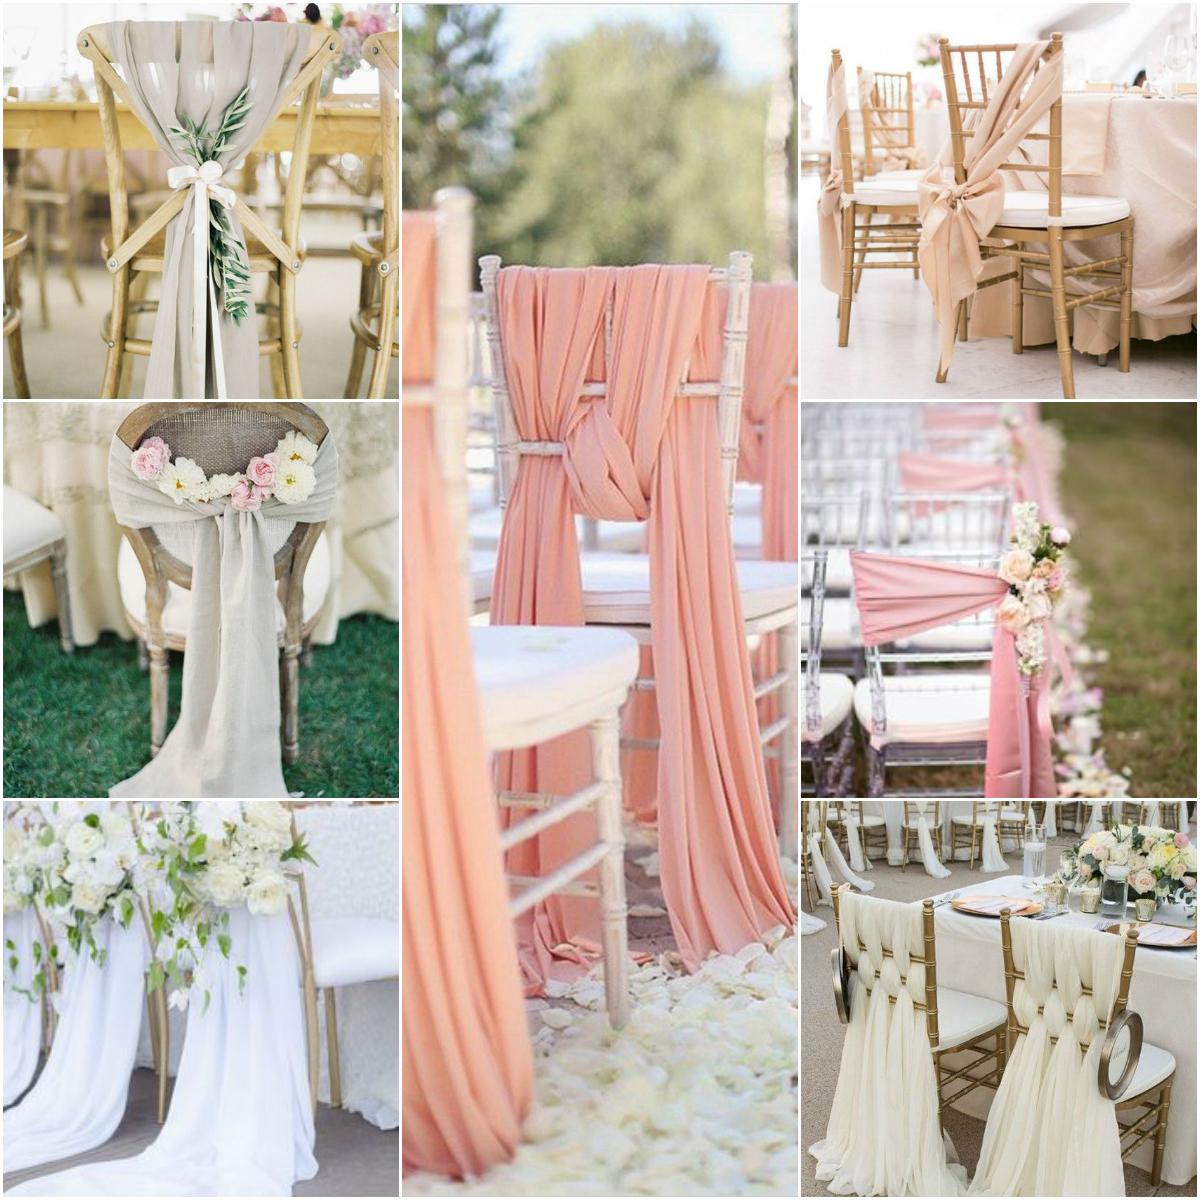 Fonkelnieuw Inspiratie decoratie stoelen bruiloft PI-62